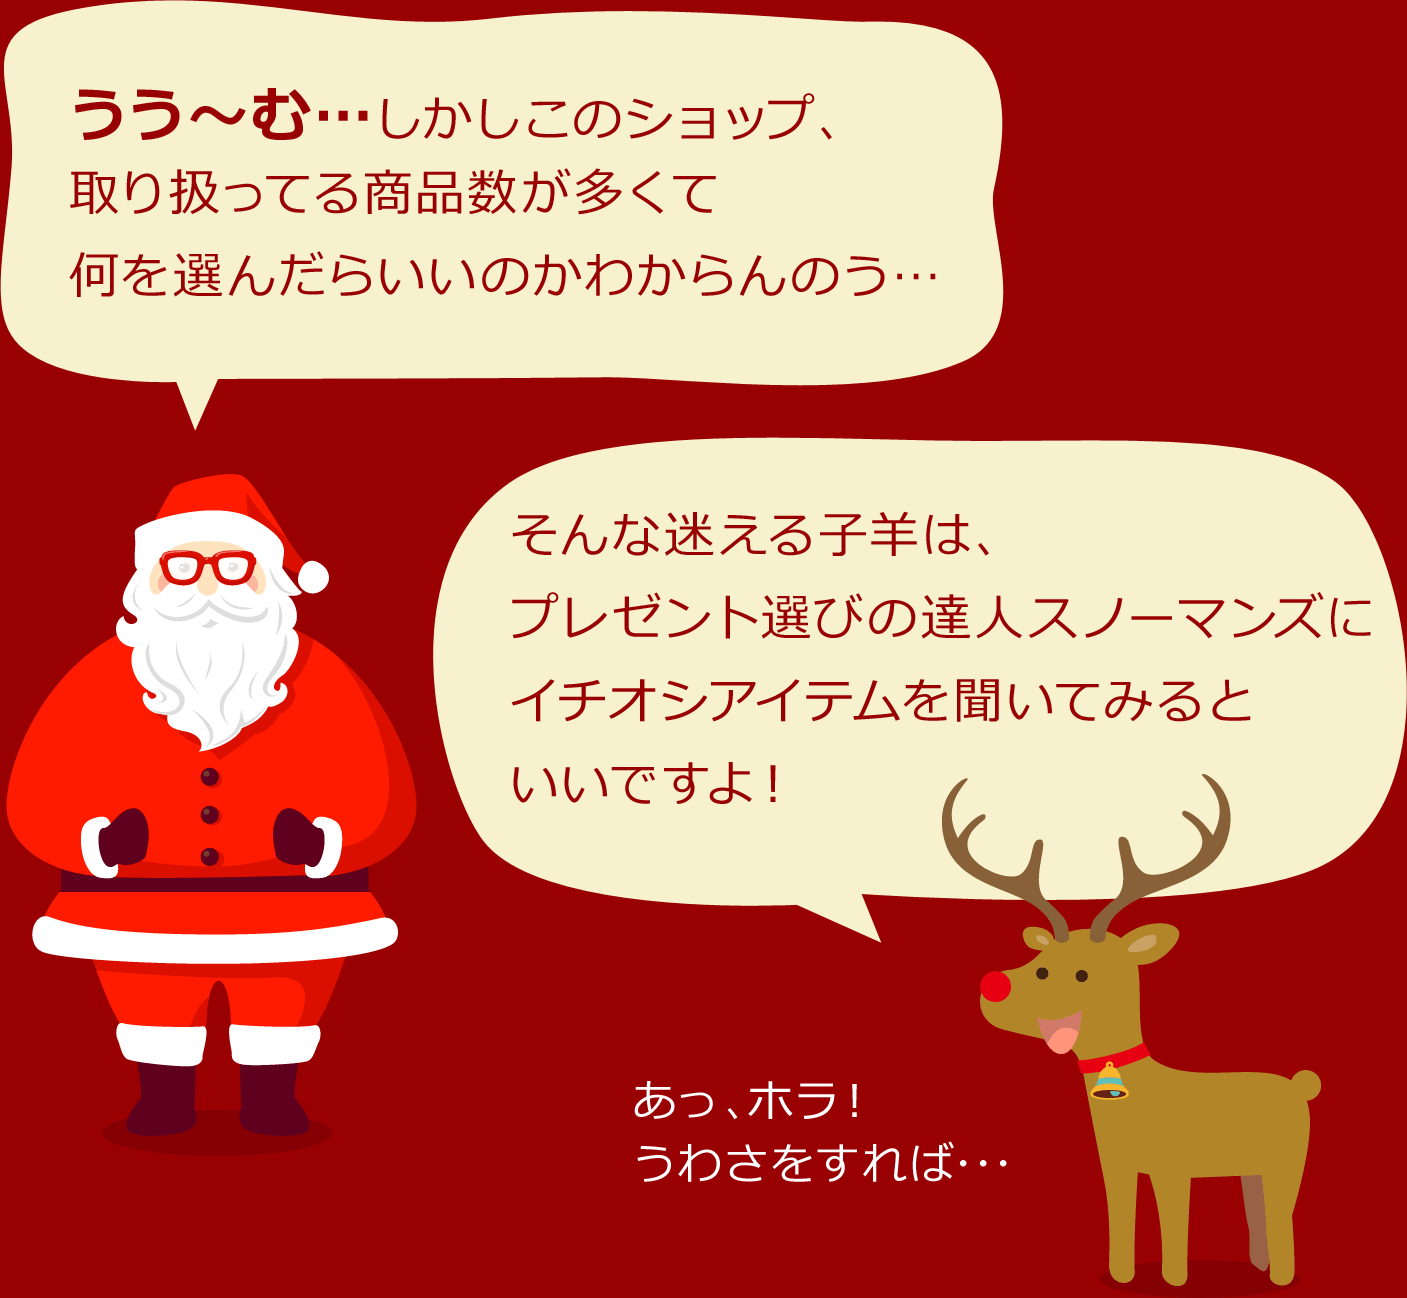 サンタクロース「うう~む…、しかしこのショップ、取り扱っている商品が多くて何を選んだらいいのかわからんのう…」トナカイ「そんな迷える子羊は、プレゼント選びの達人スノーマンズにイチオシアイテムを聞いてみるといいですよ!あっ、ホラ!うわさをすれば…」